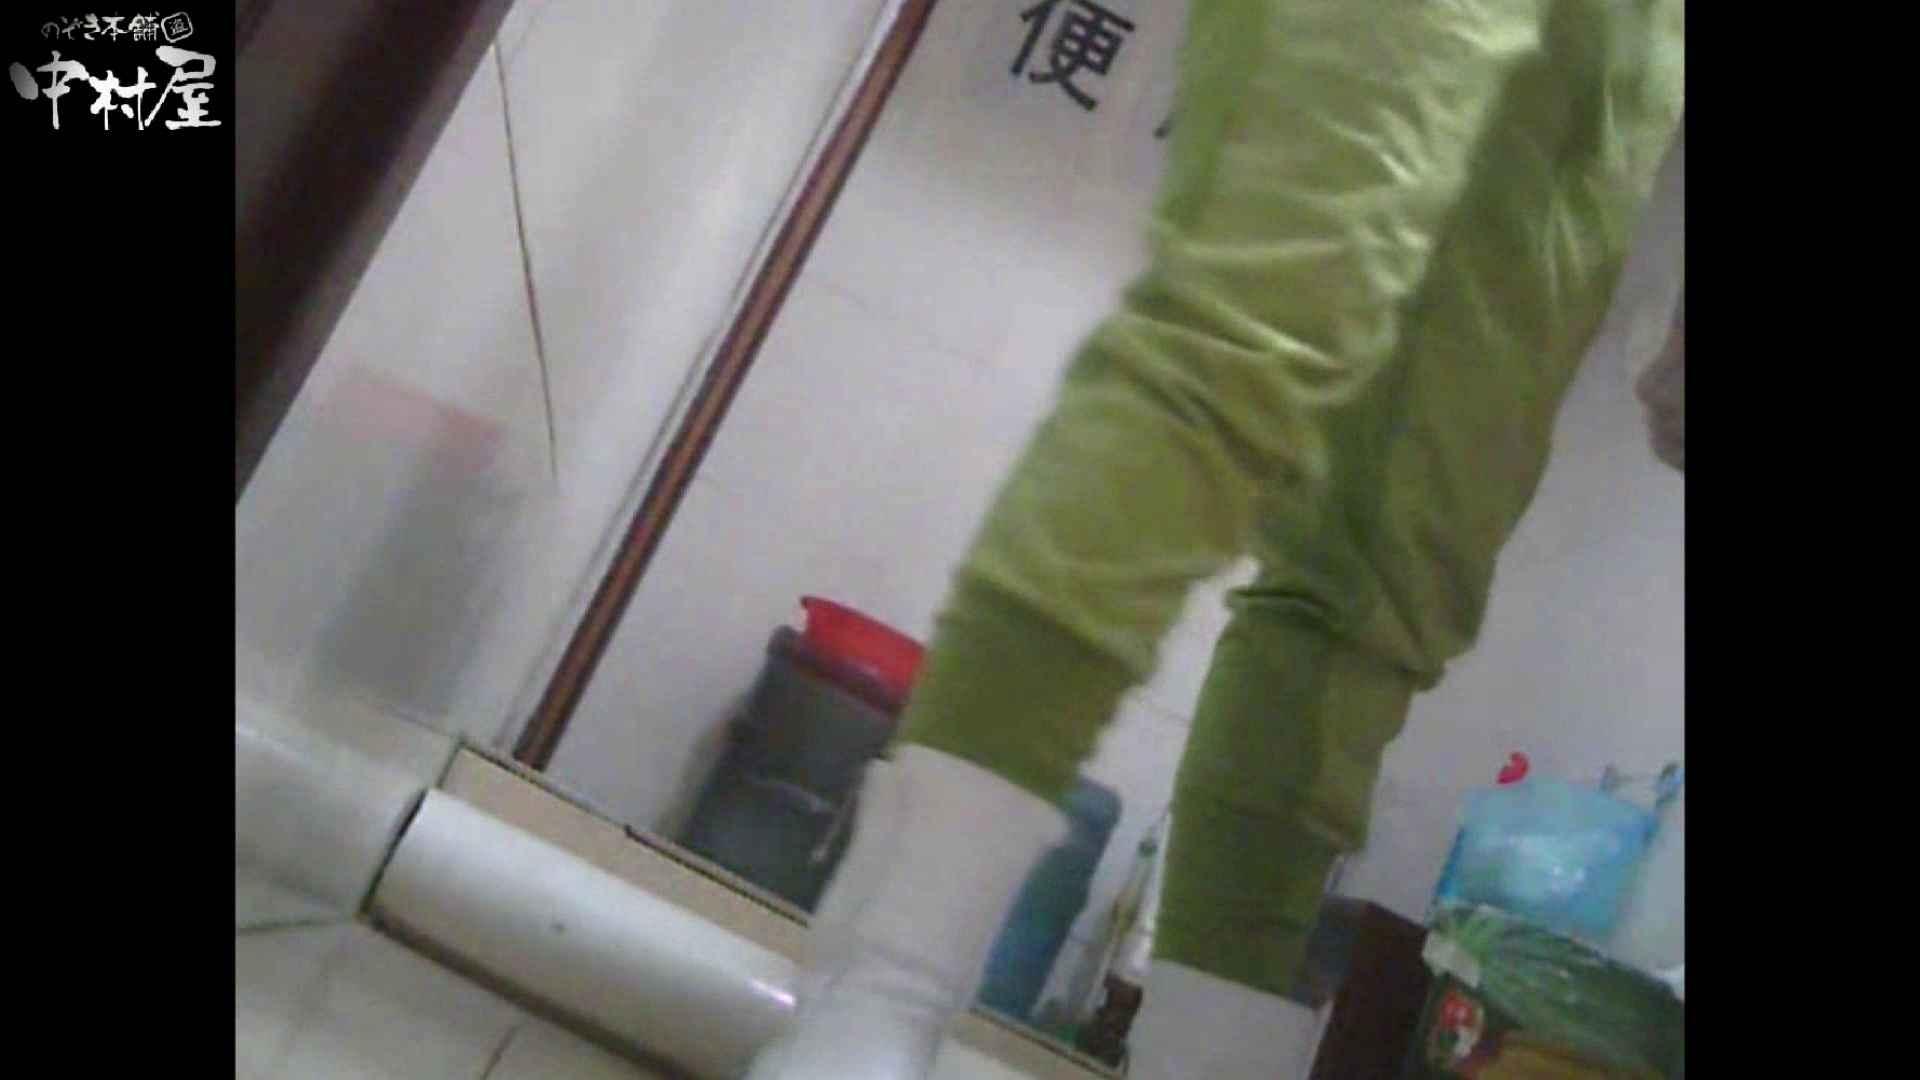 李さんの盗撮日記 Vol.04 OLセックス 盗み撮りSEX無修正画像 53画像 17